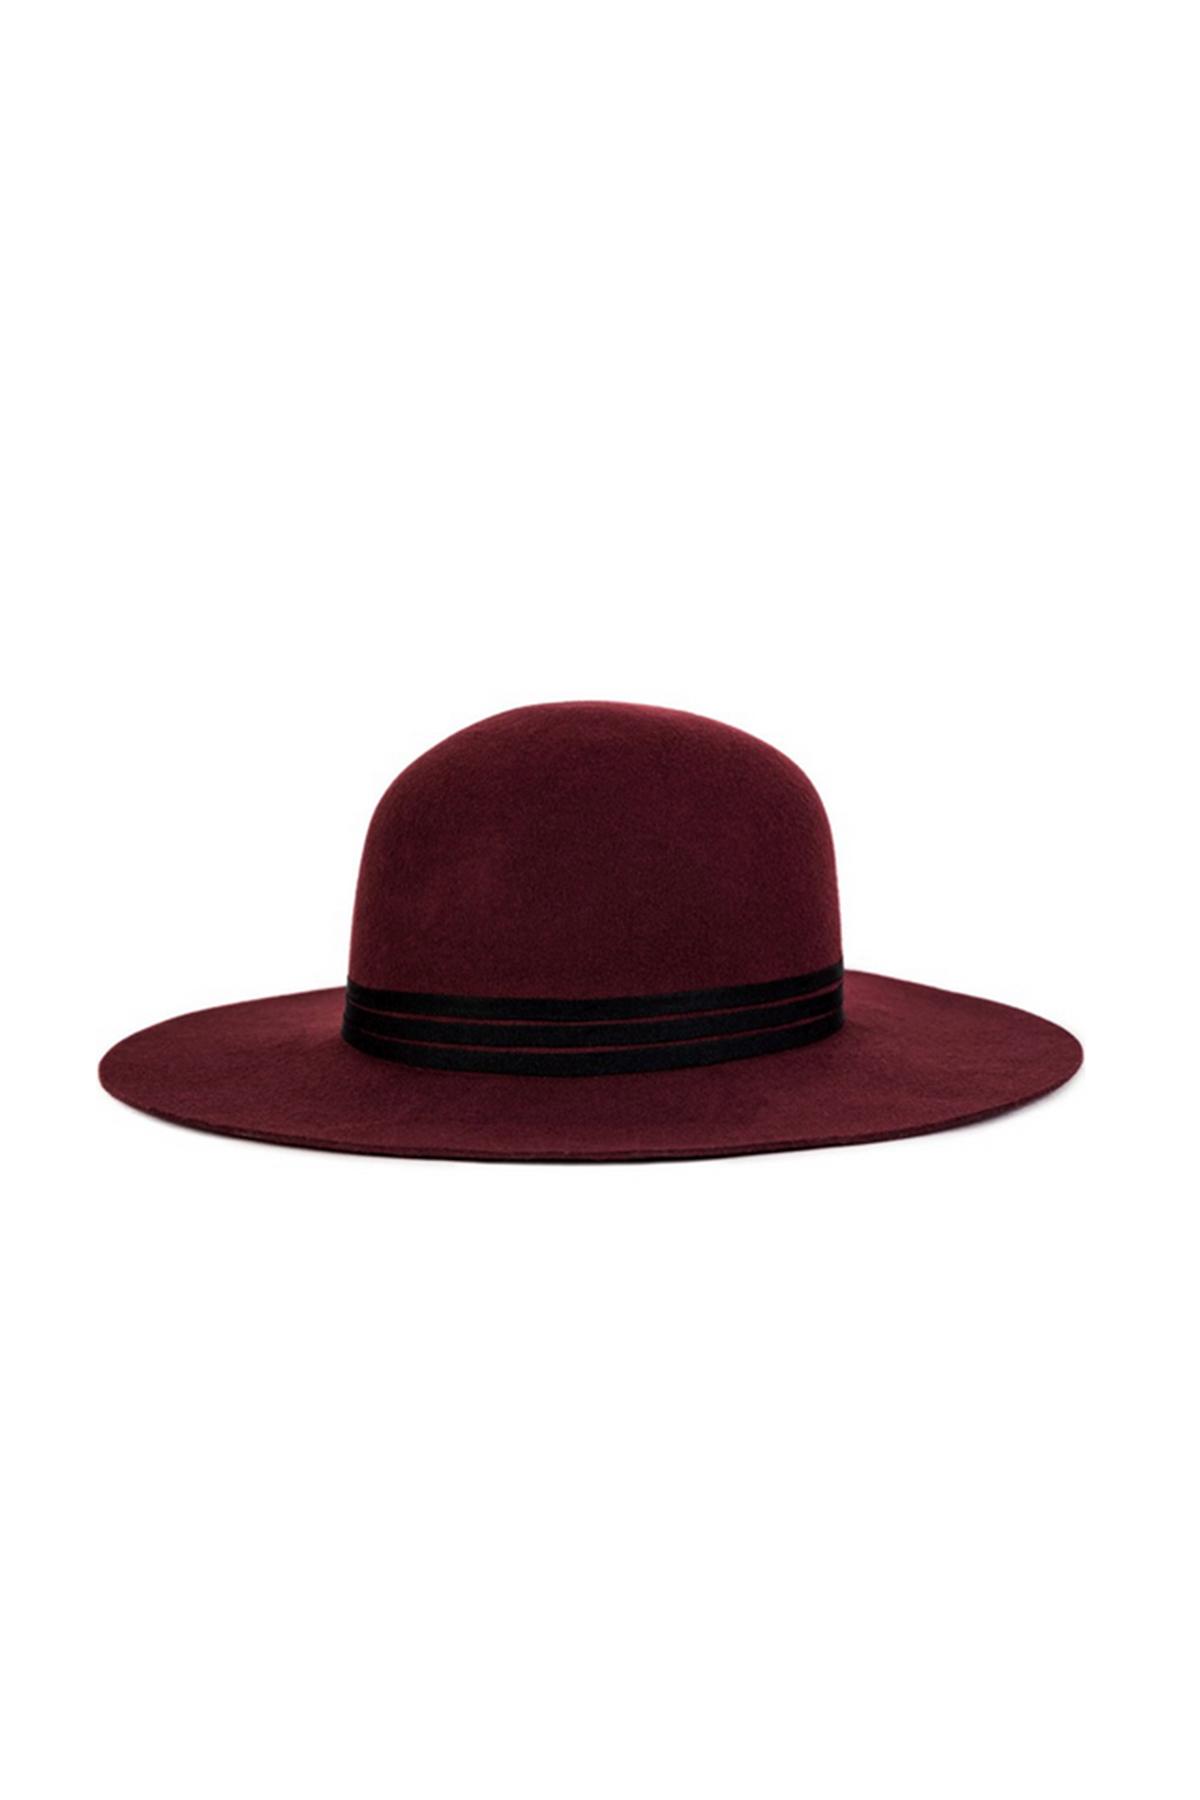 99d140b31d9 Lyst - Brixton Magdalena Hat in Purple